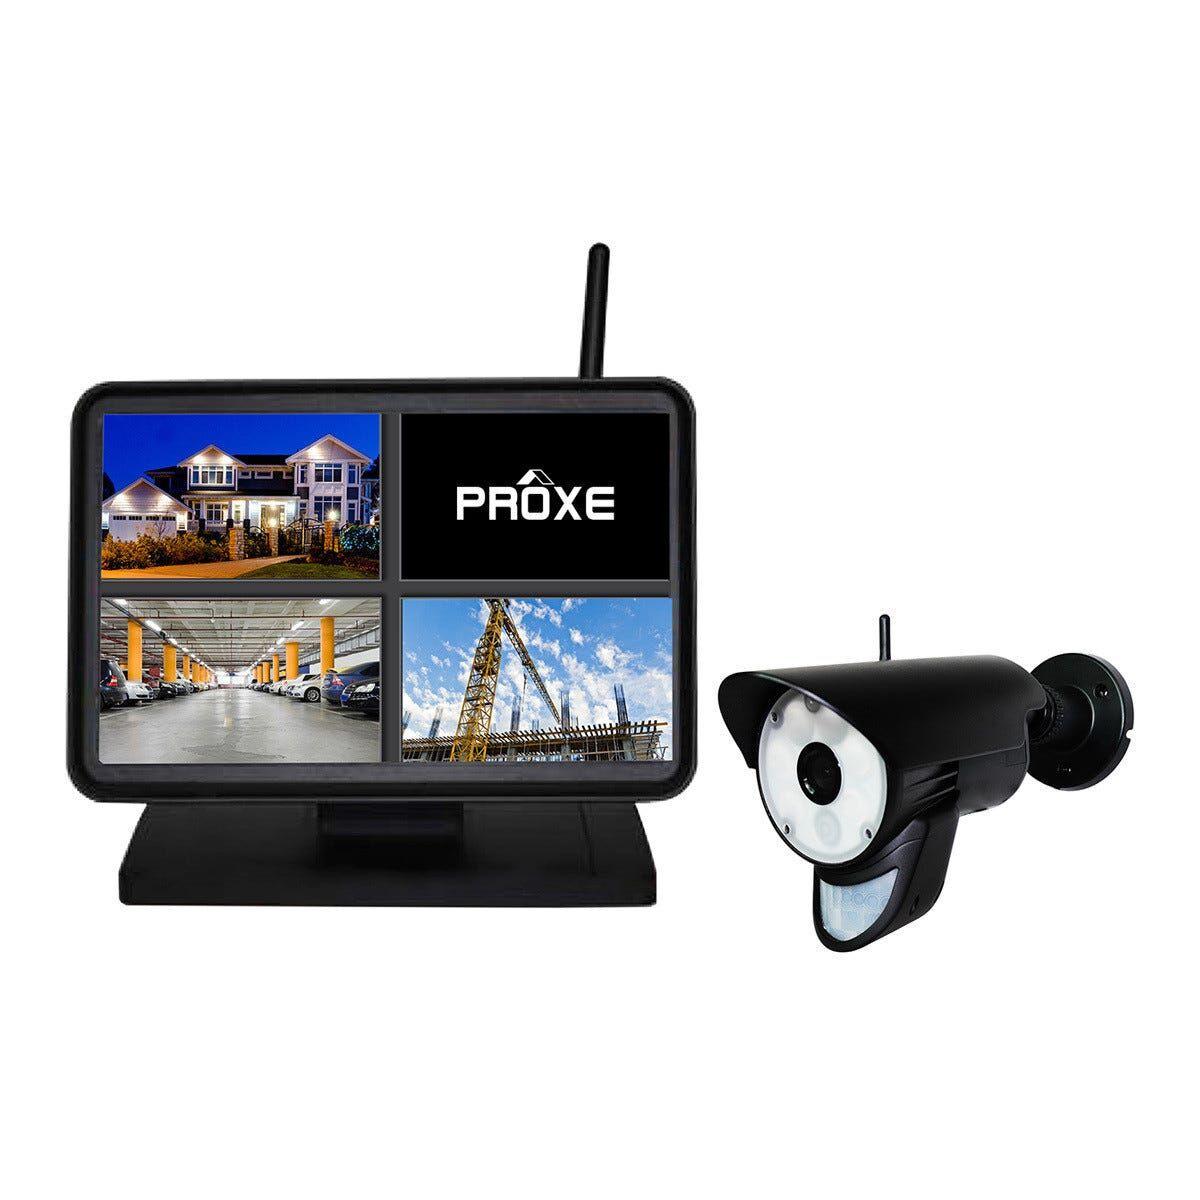 PROXE Kit Tvcc  Senza Fili Digitale Con Telecamera Esterno A Colori Con Luce